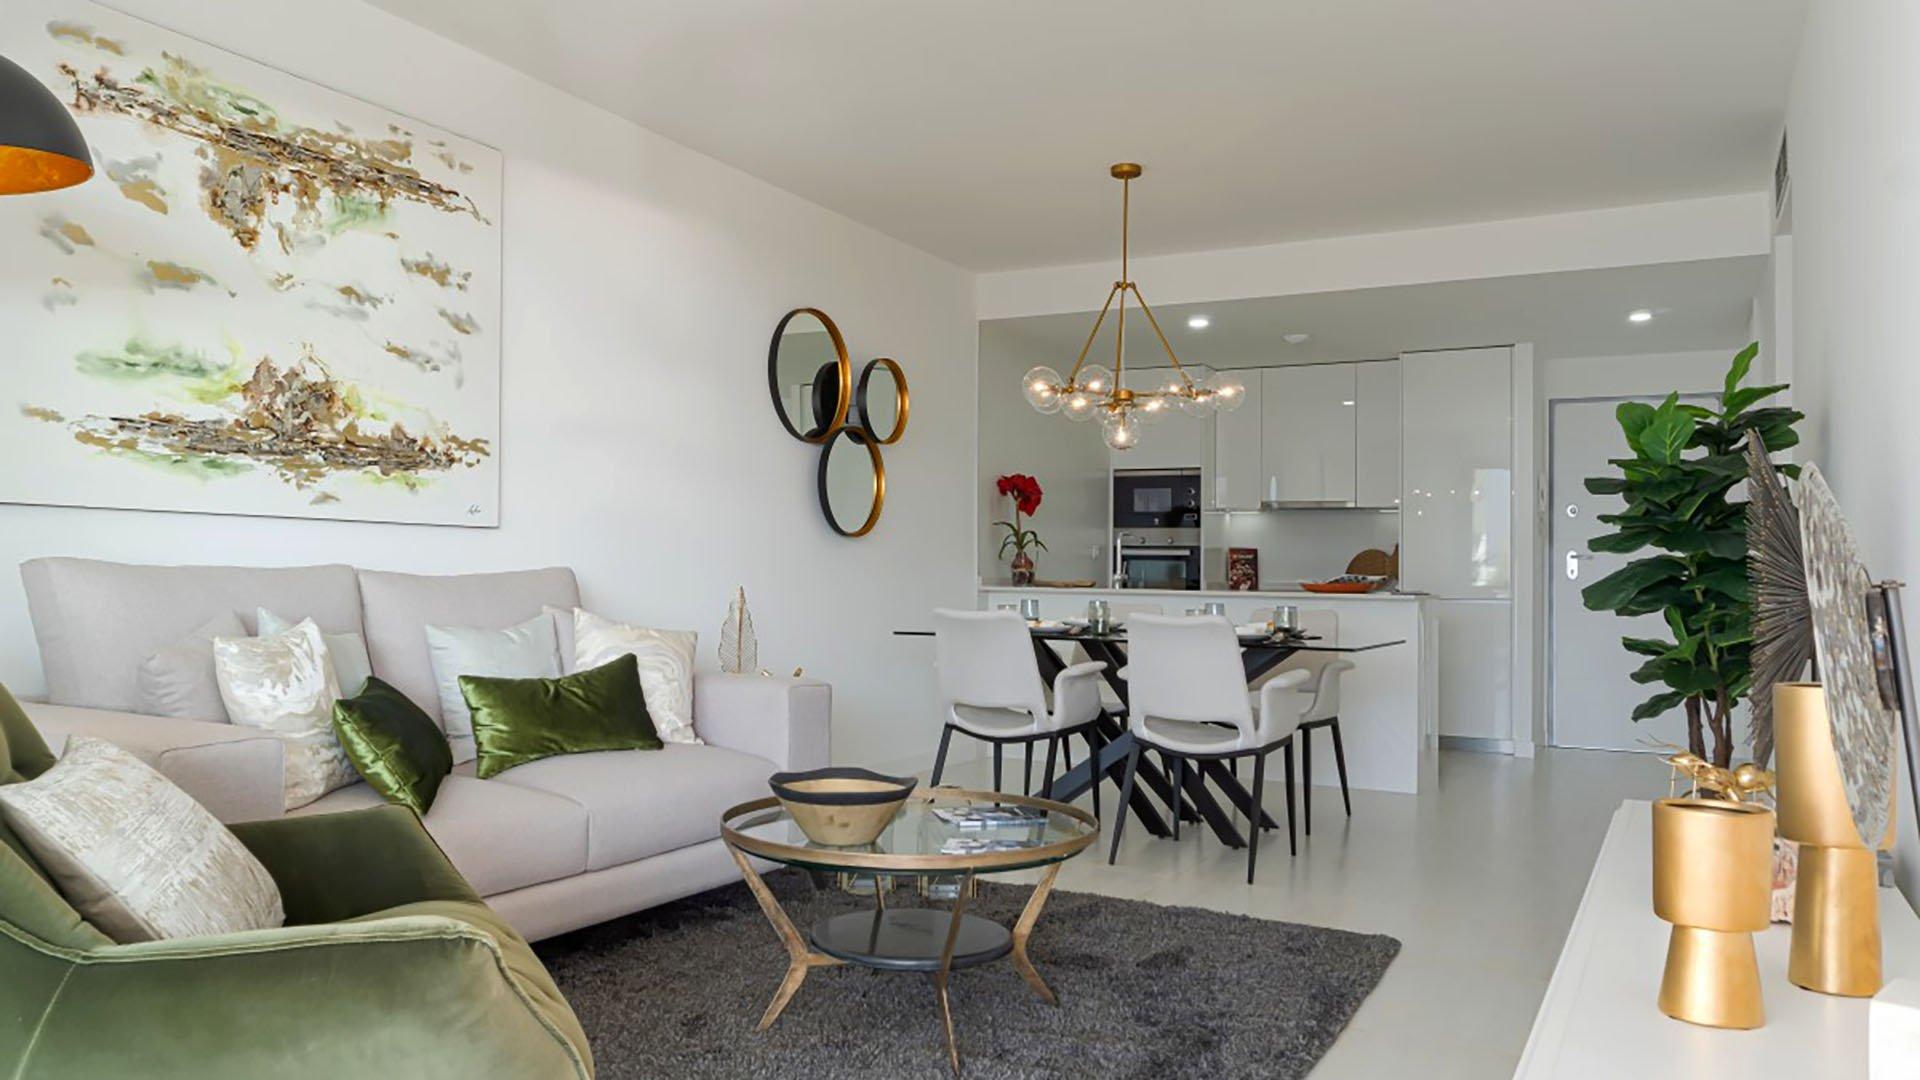 Las Olas: Moderne appartementen op wandelafstand van het strand in Estepona